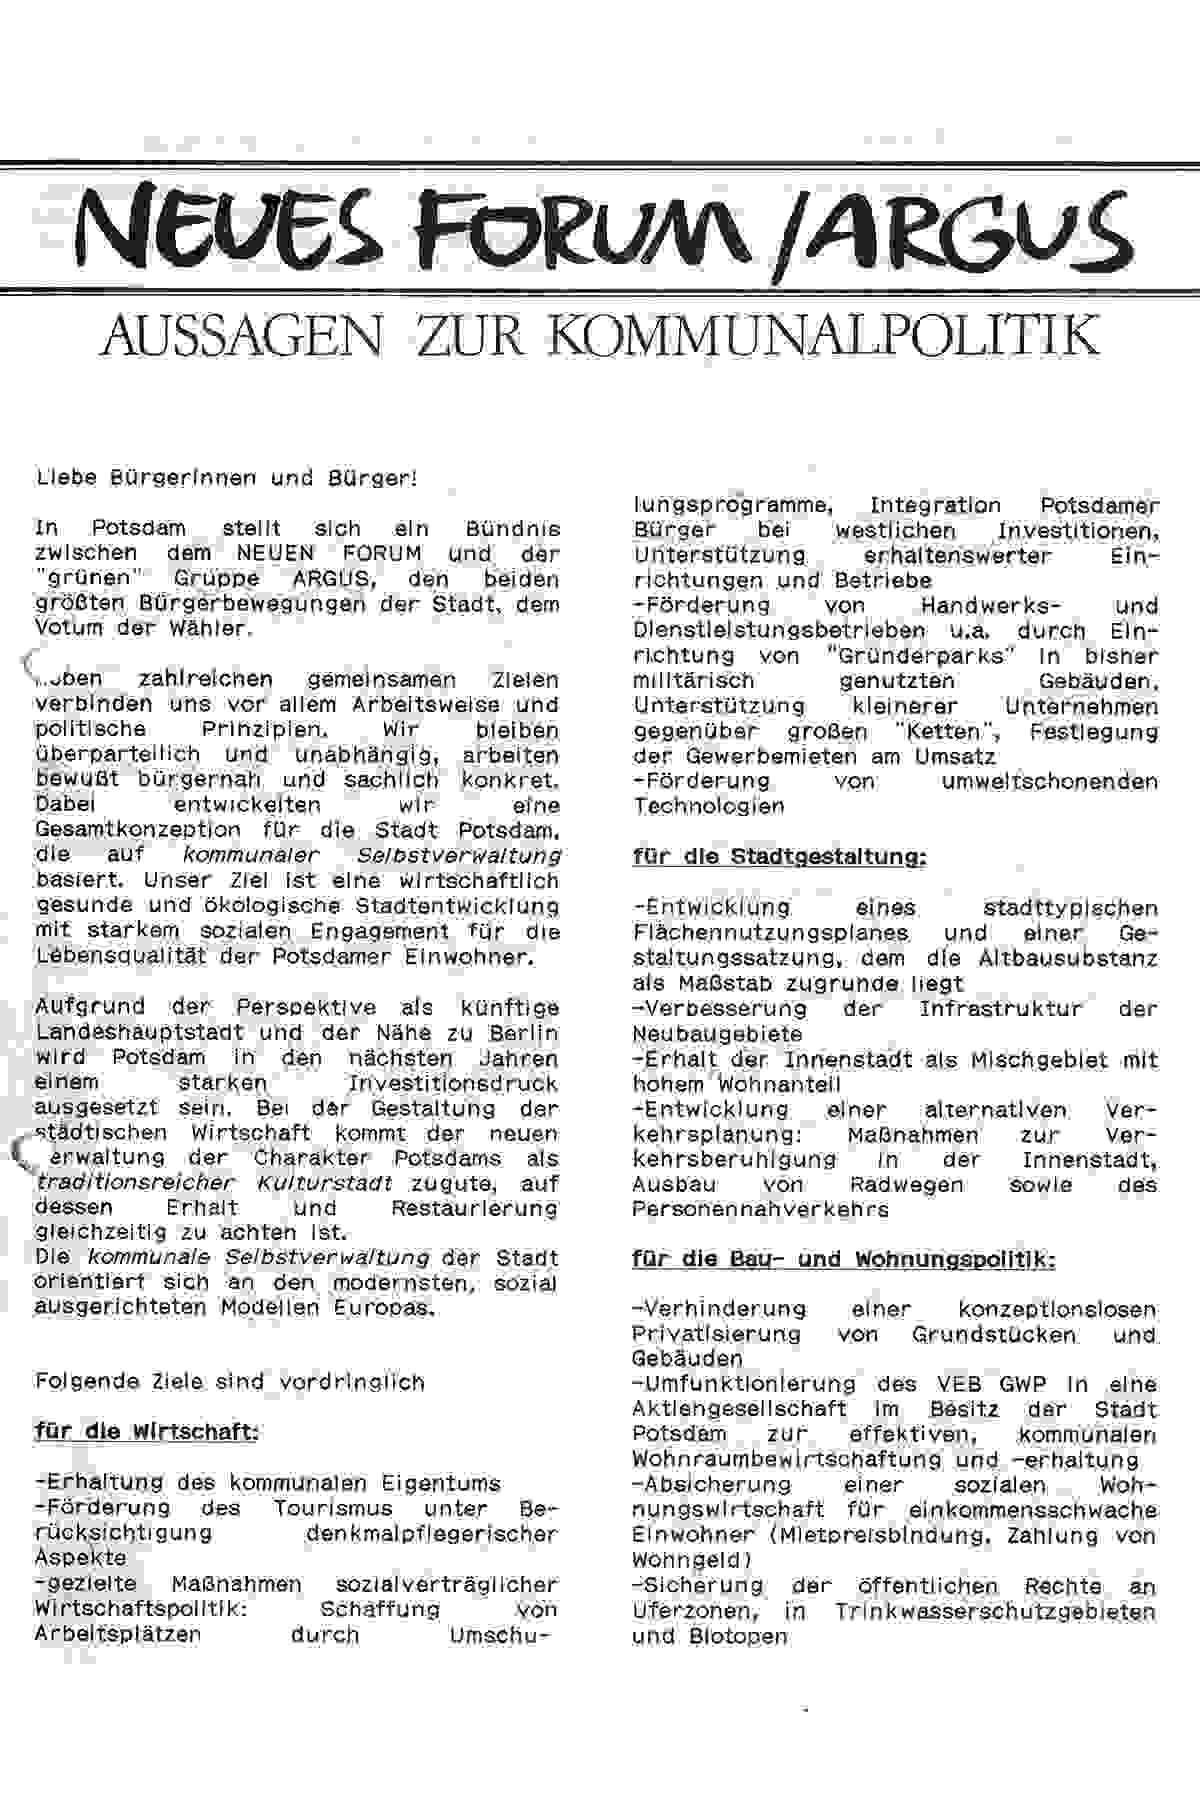 Neues Forum: Wahlprogramm für die Kommunalwahlen 1990 am 6. Mai 1990